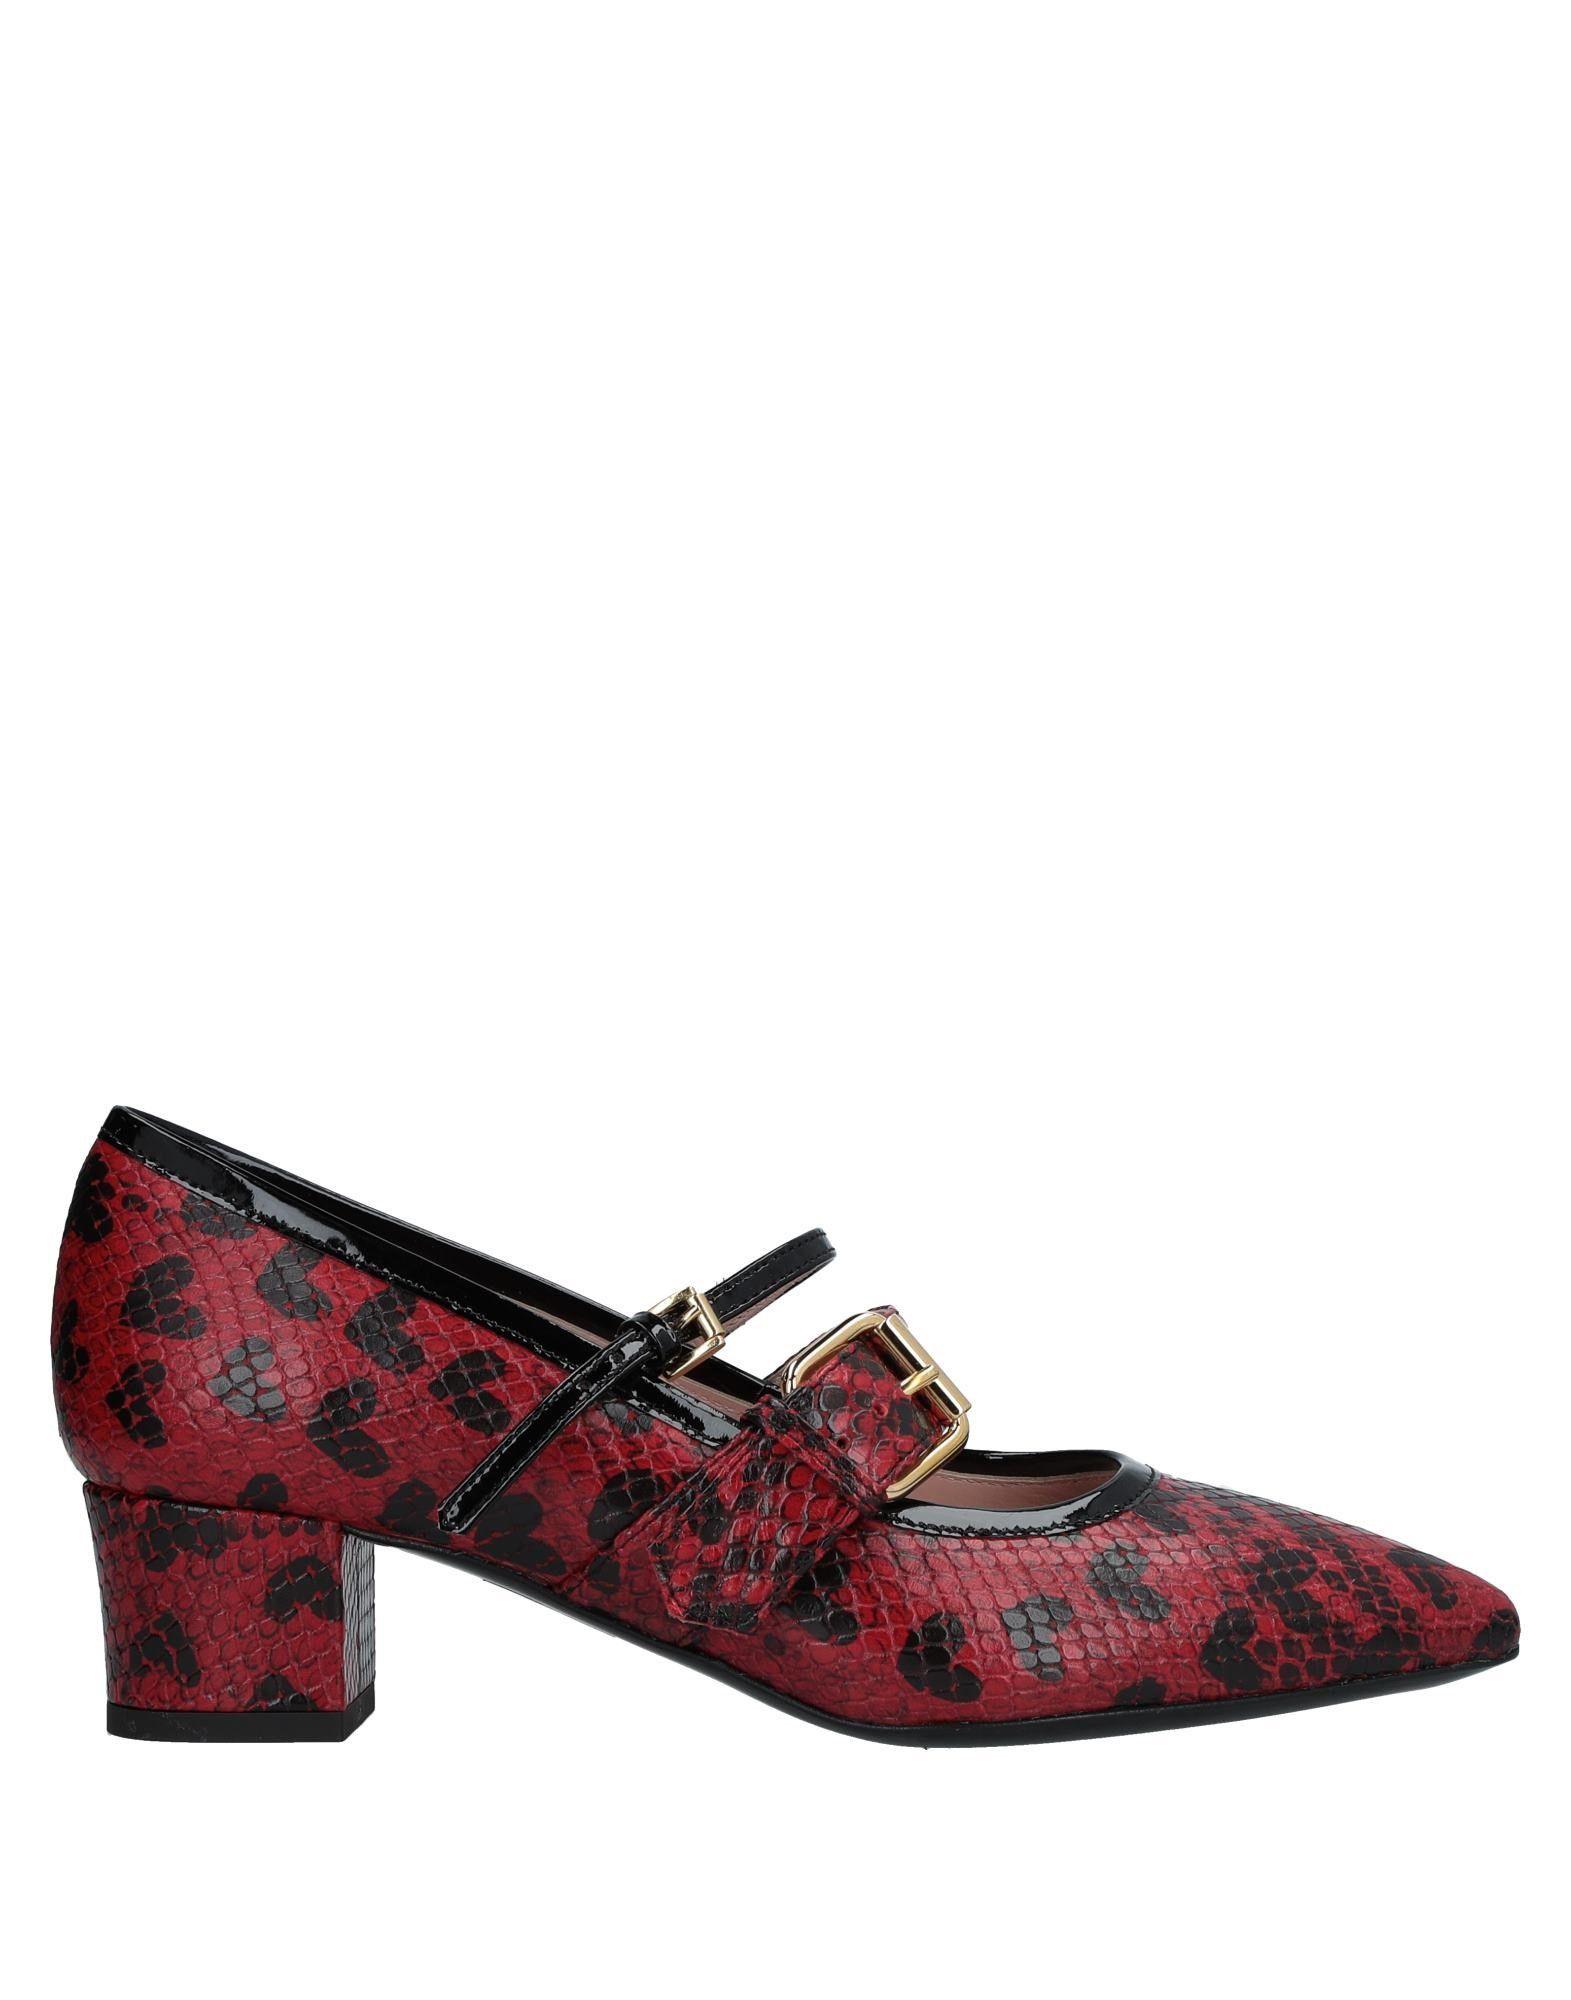 Stivali Scarpe O.X.S. Donna - 11545667KF Scarpe Stivali economiche e alla moda d58e35